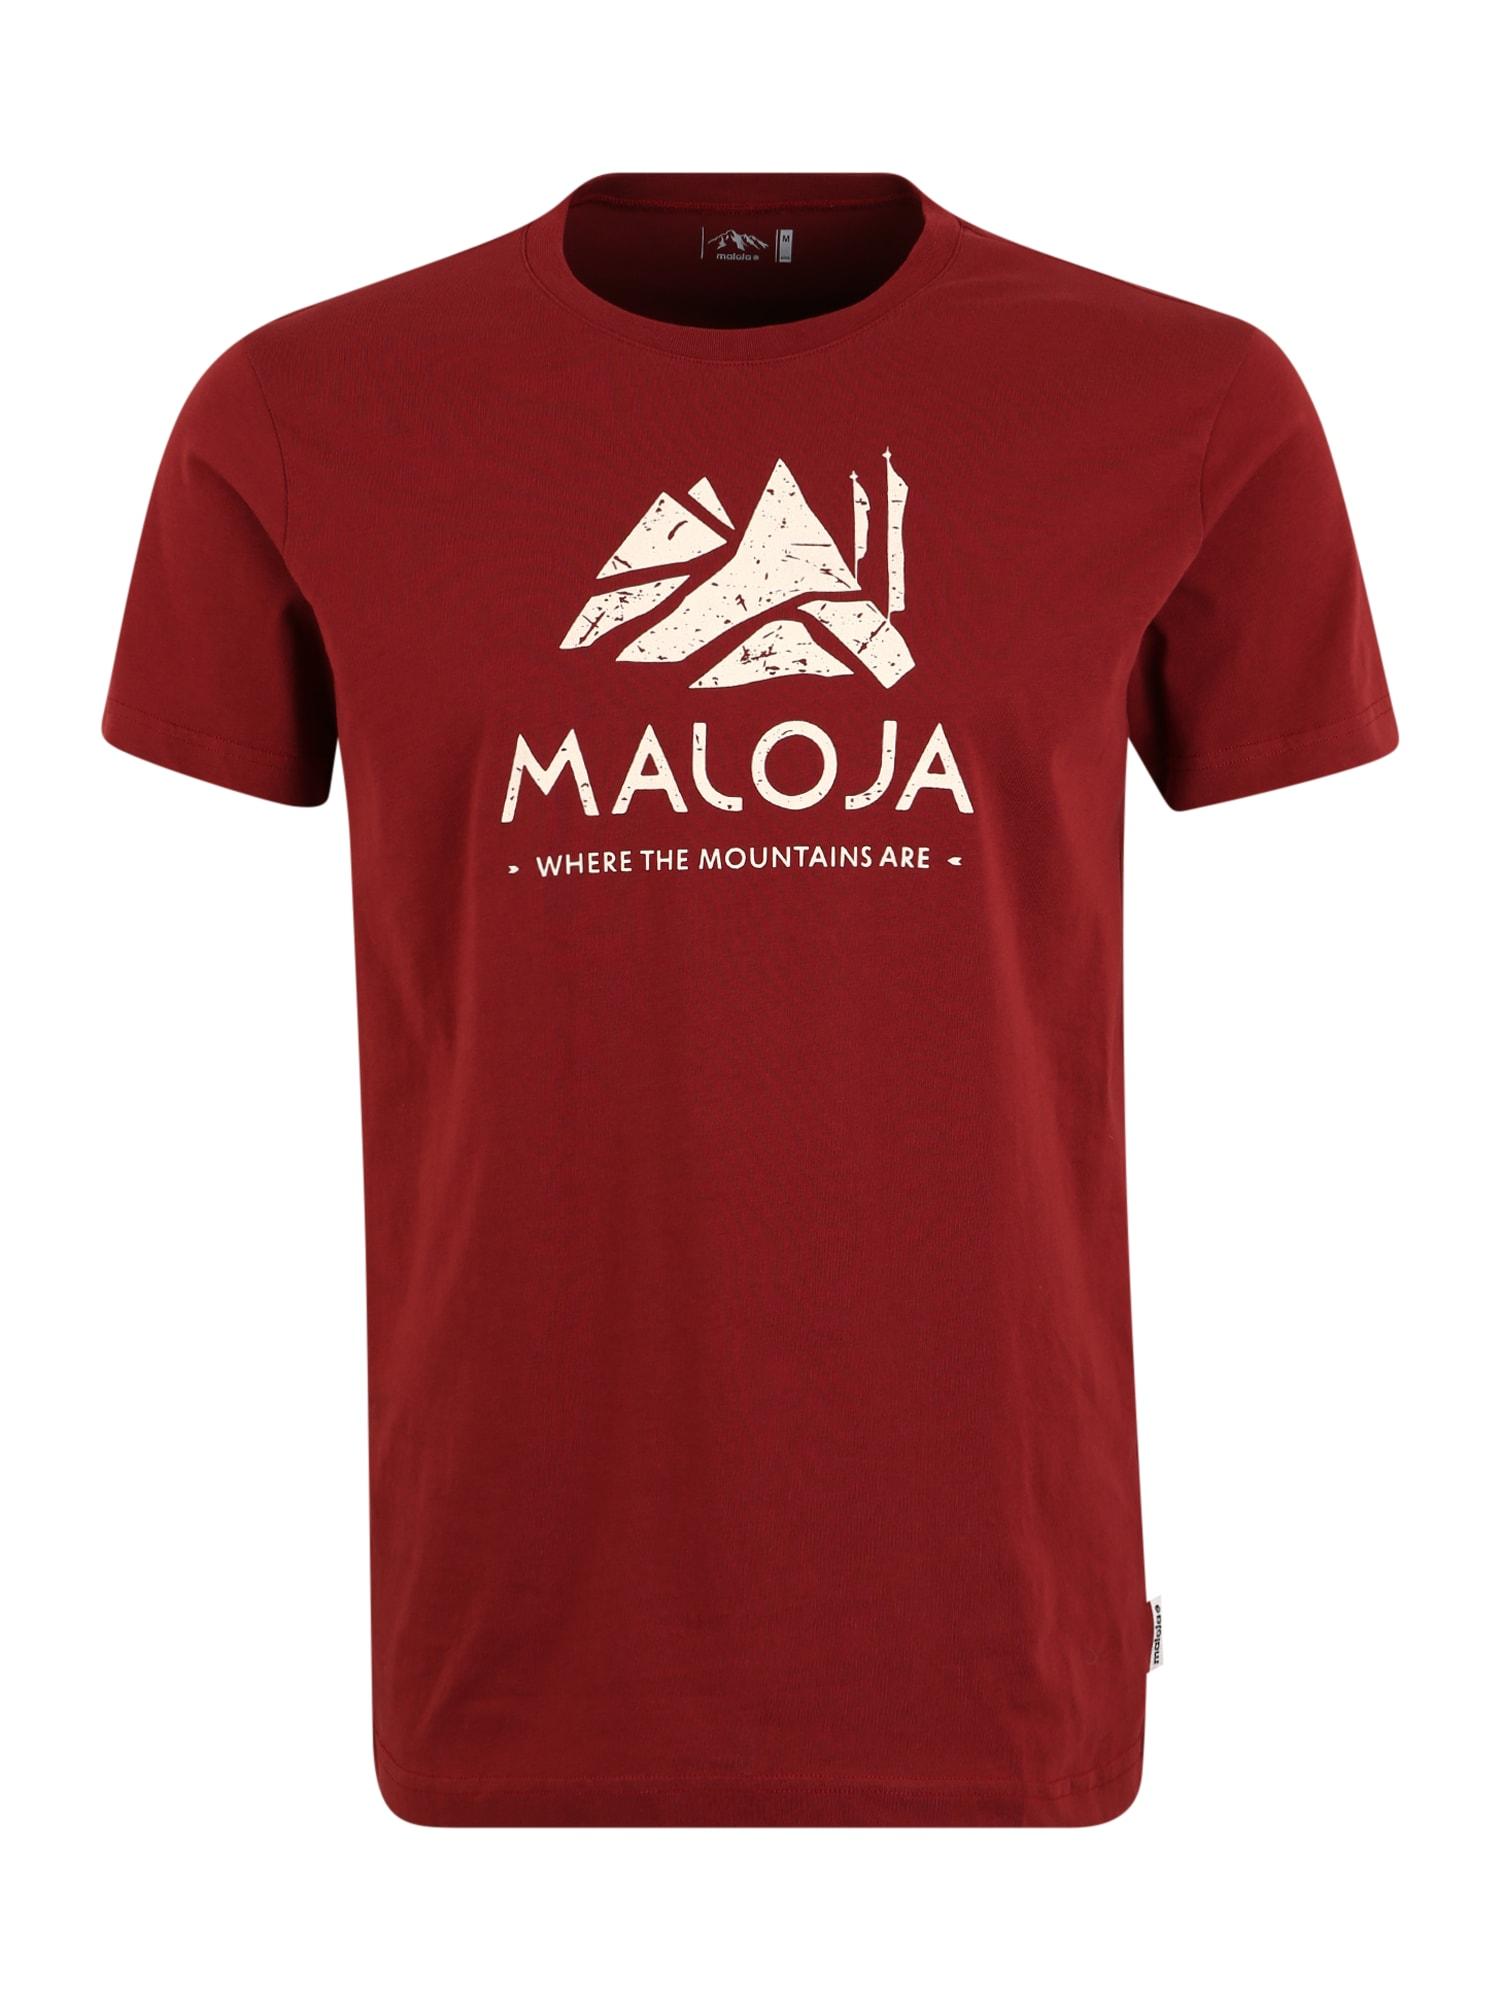 Maloja Sportiniai marškinėliai 'Grassitsch' vyno raudona spalva